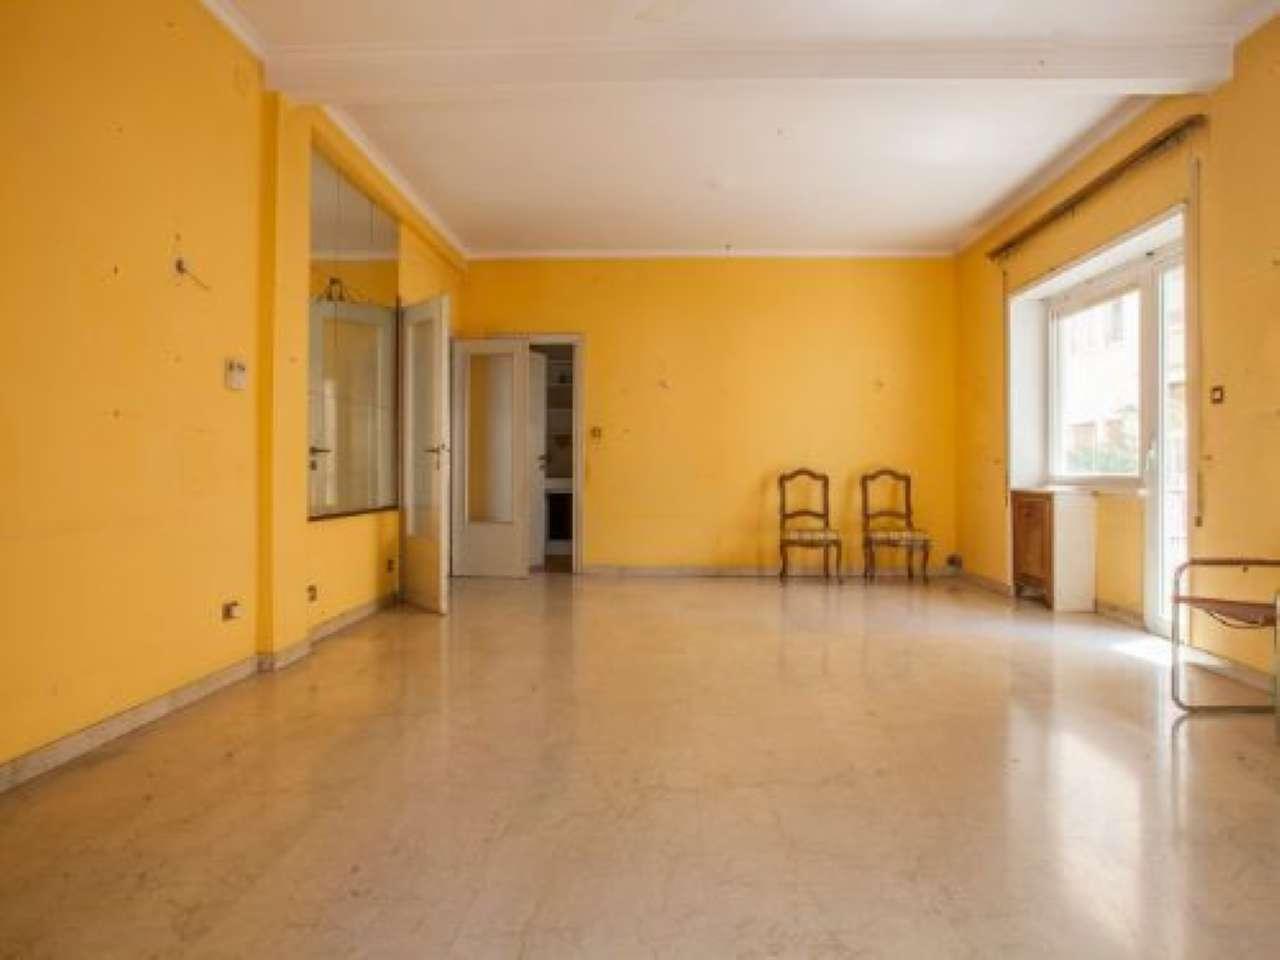 Appartamento in vendita a Roma, 4 locali, zona Zona: 29 . Balduina, Montemario, Sant'Onofrio, Trionfale, Camilluccia, Cortina d'Ampezzo, prezzo € 455.000 | CambioCasa.it